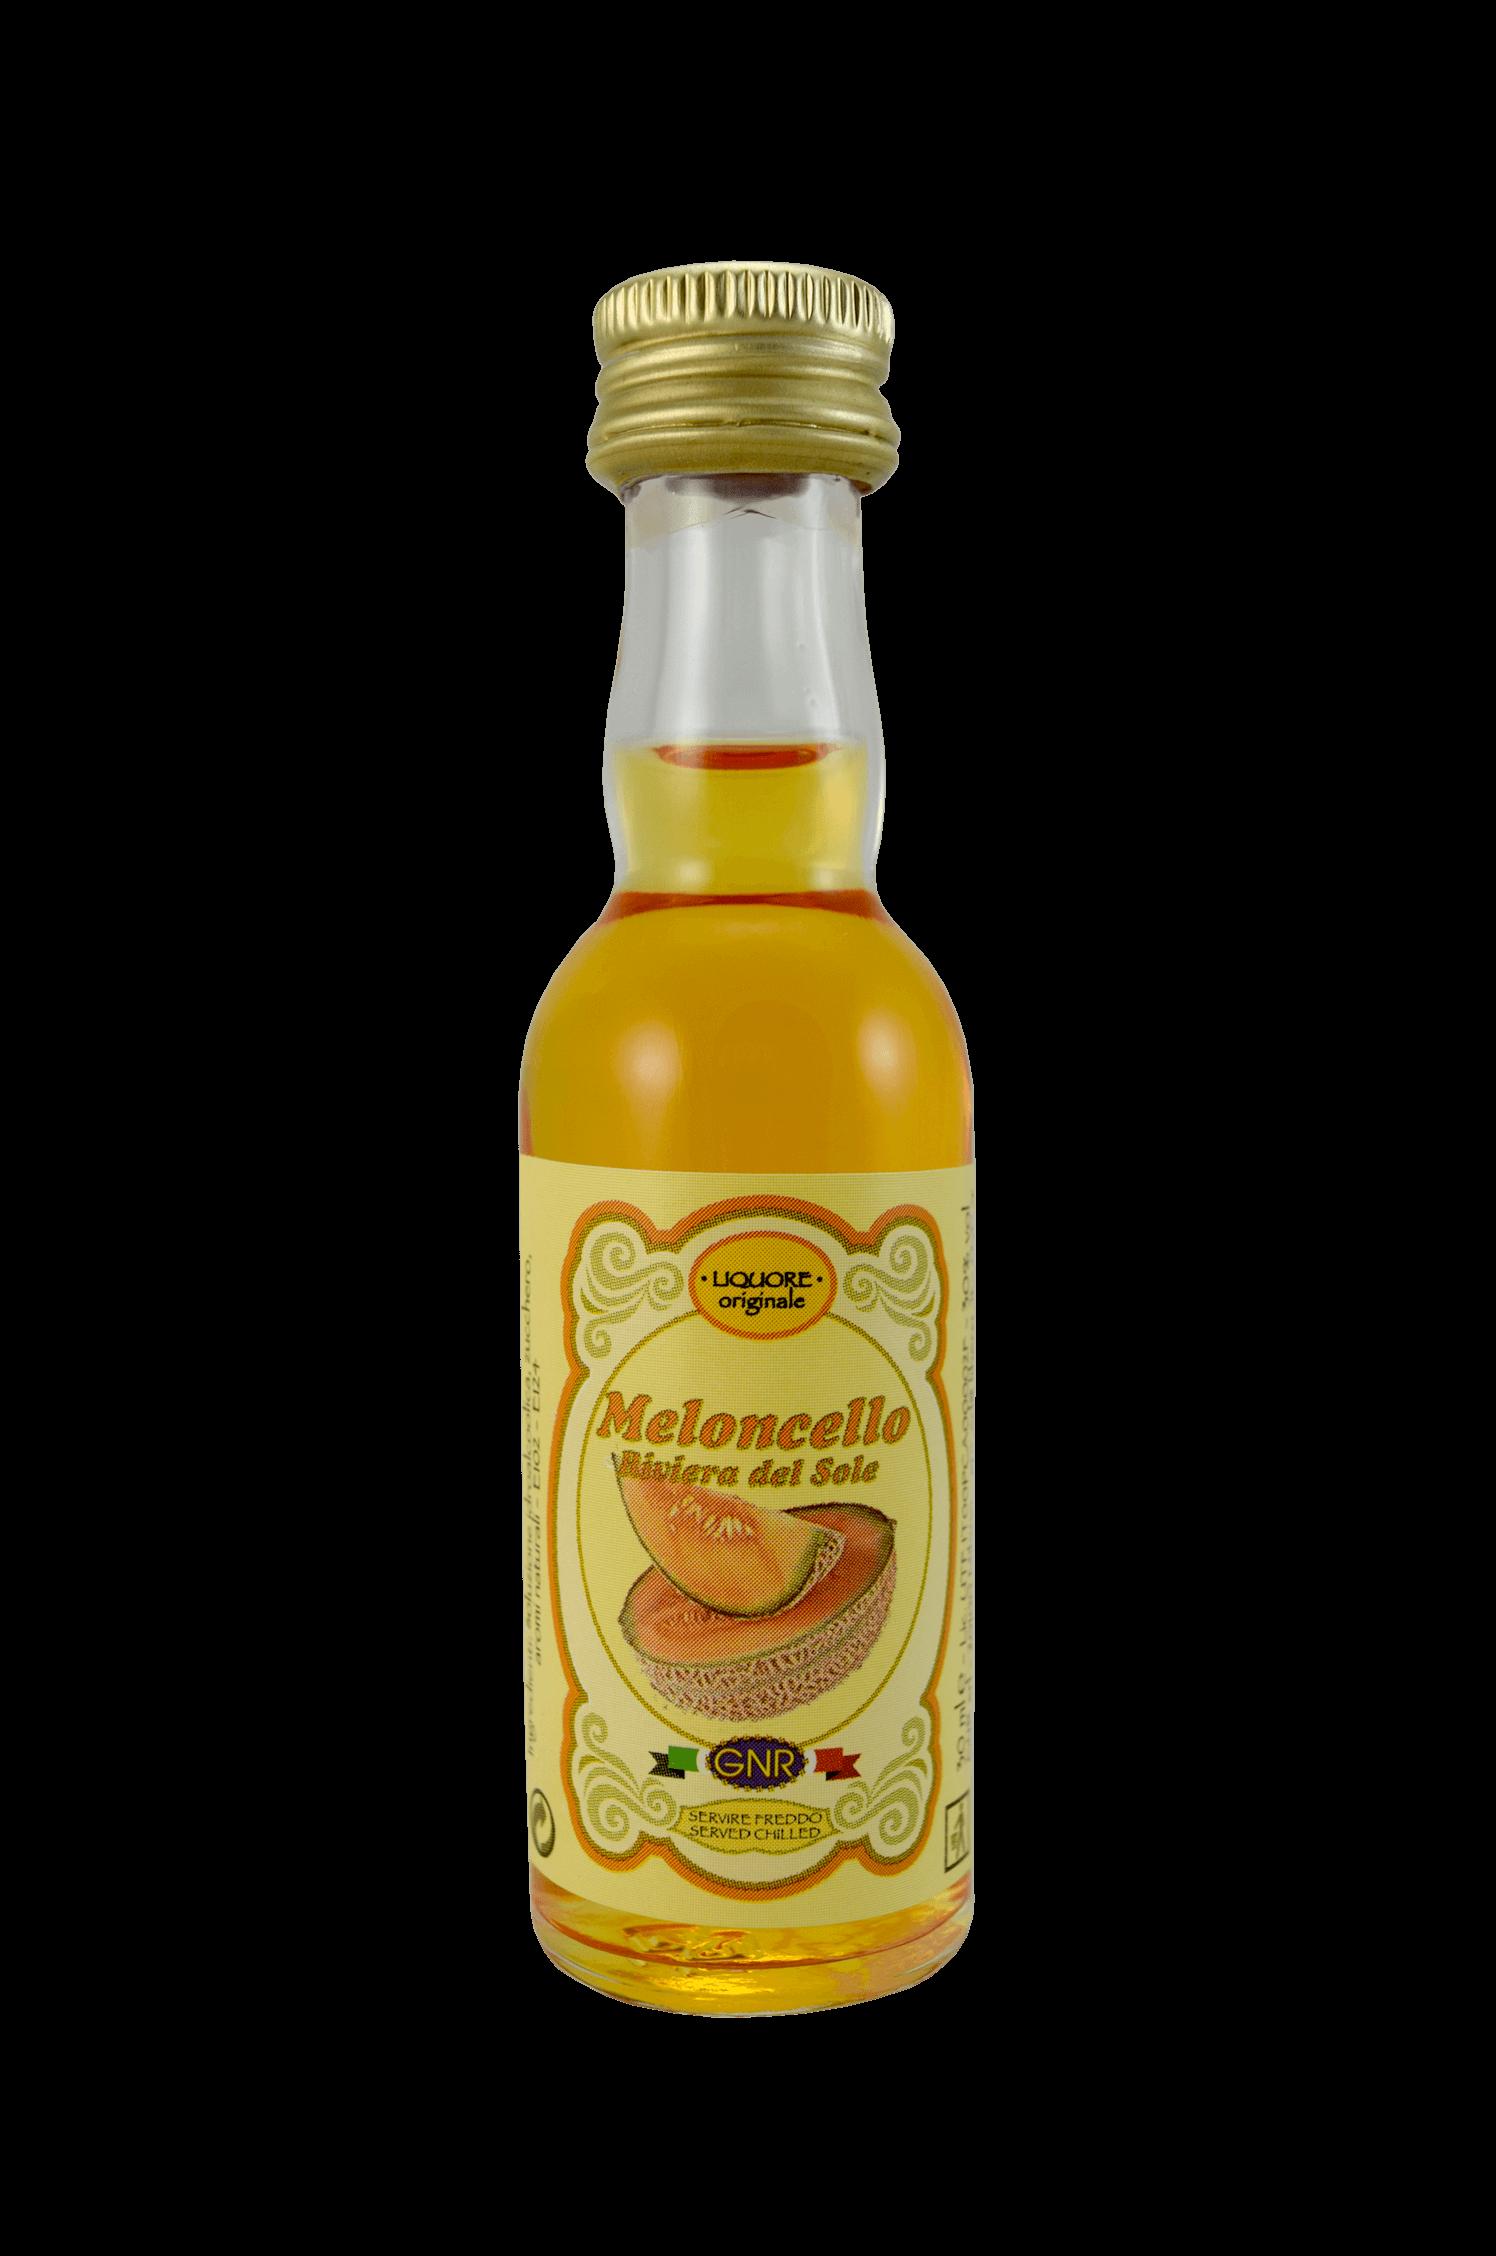 Liquore Meloncello